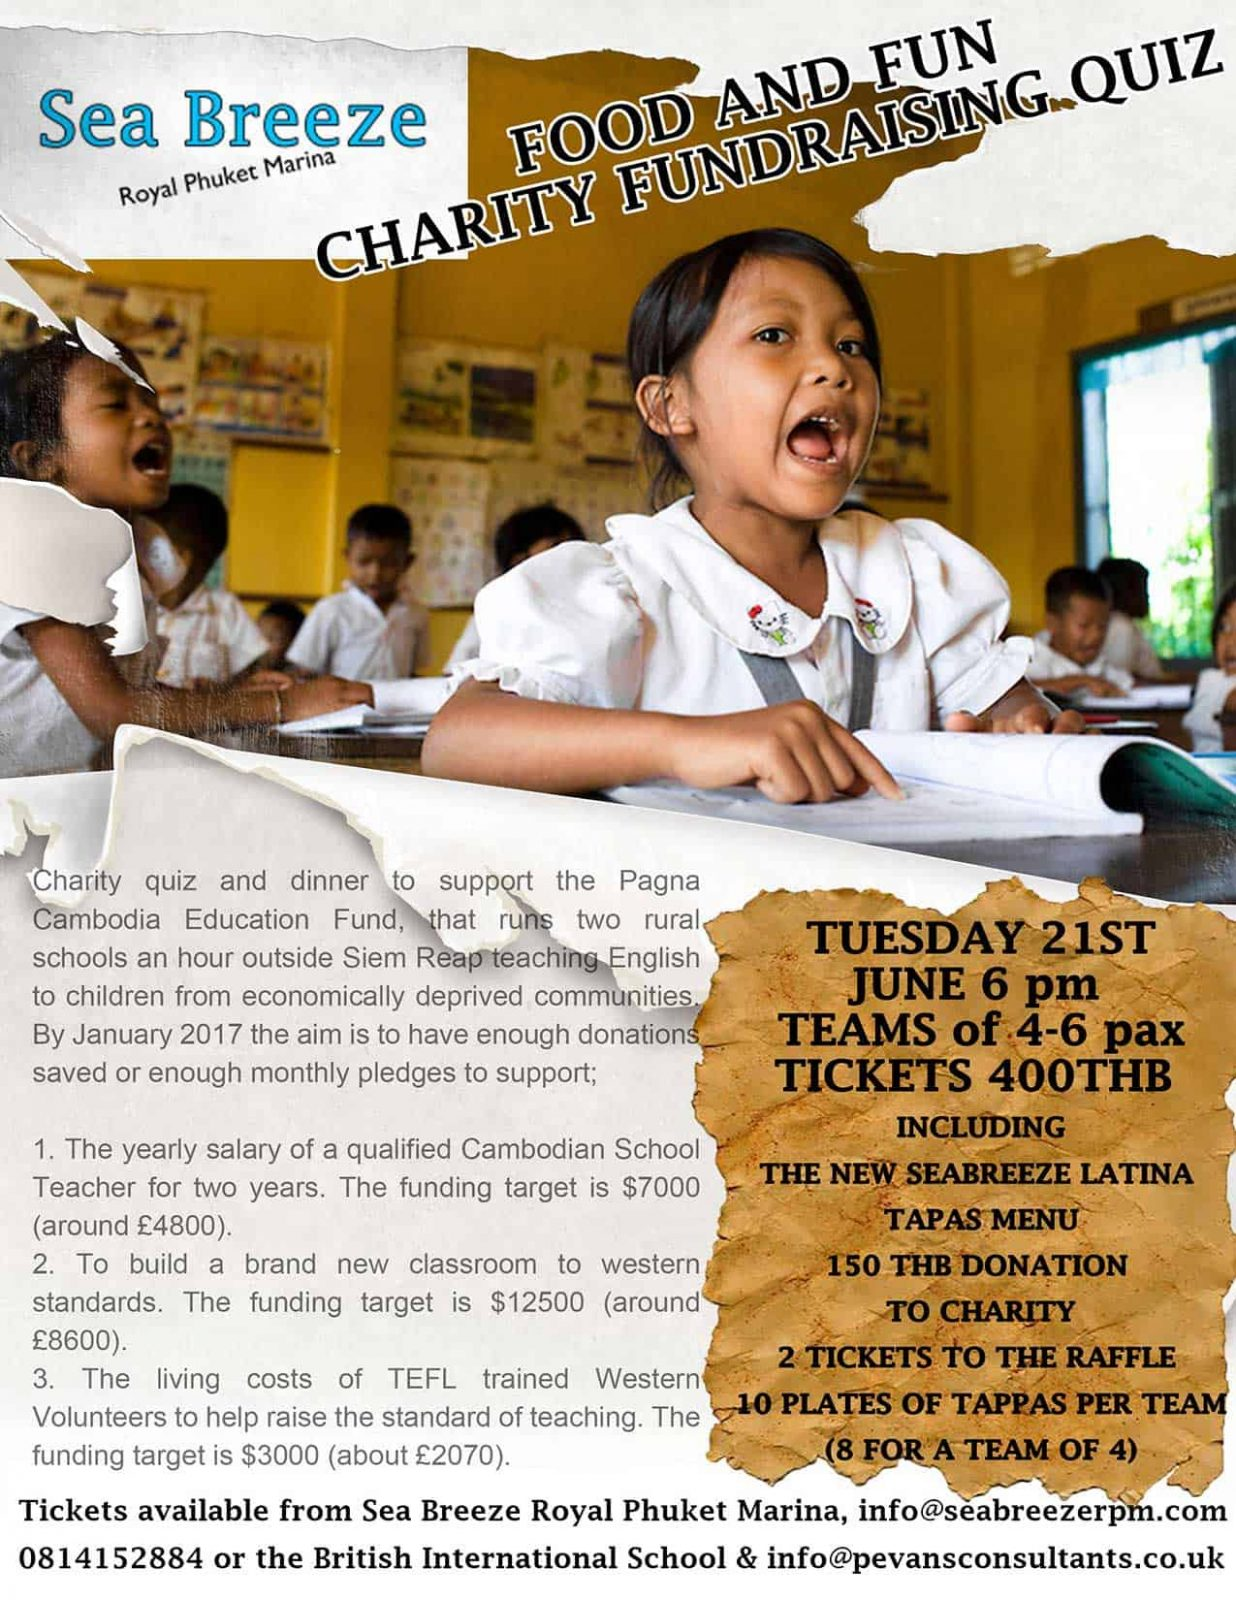 Charity night at Royal Phuket Marina